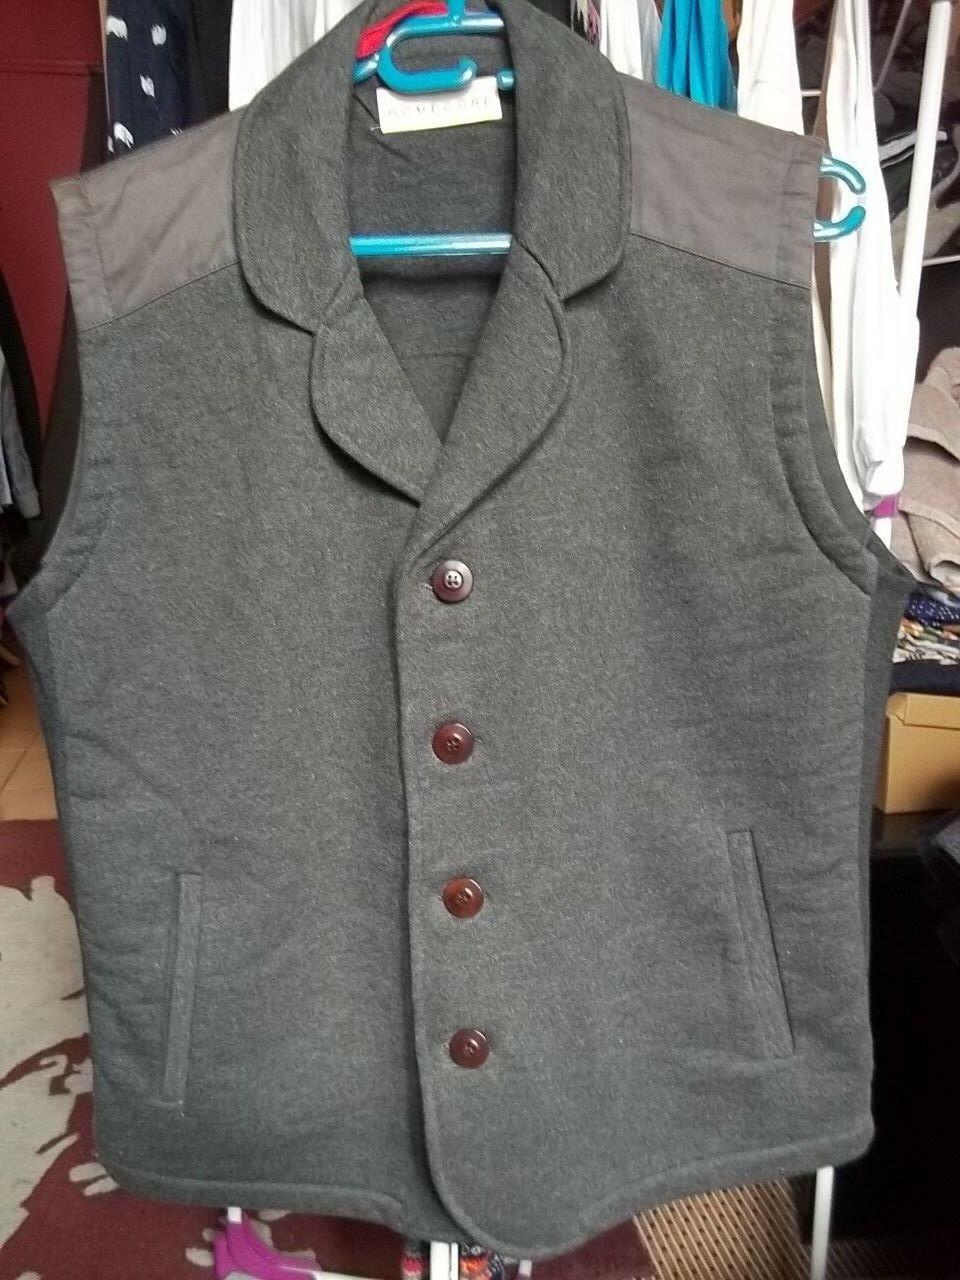 b43aca0d18c manche homme Homecore gros coton Grey vest size L sans Veste ...